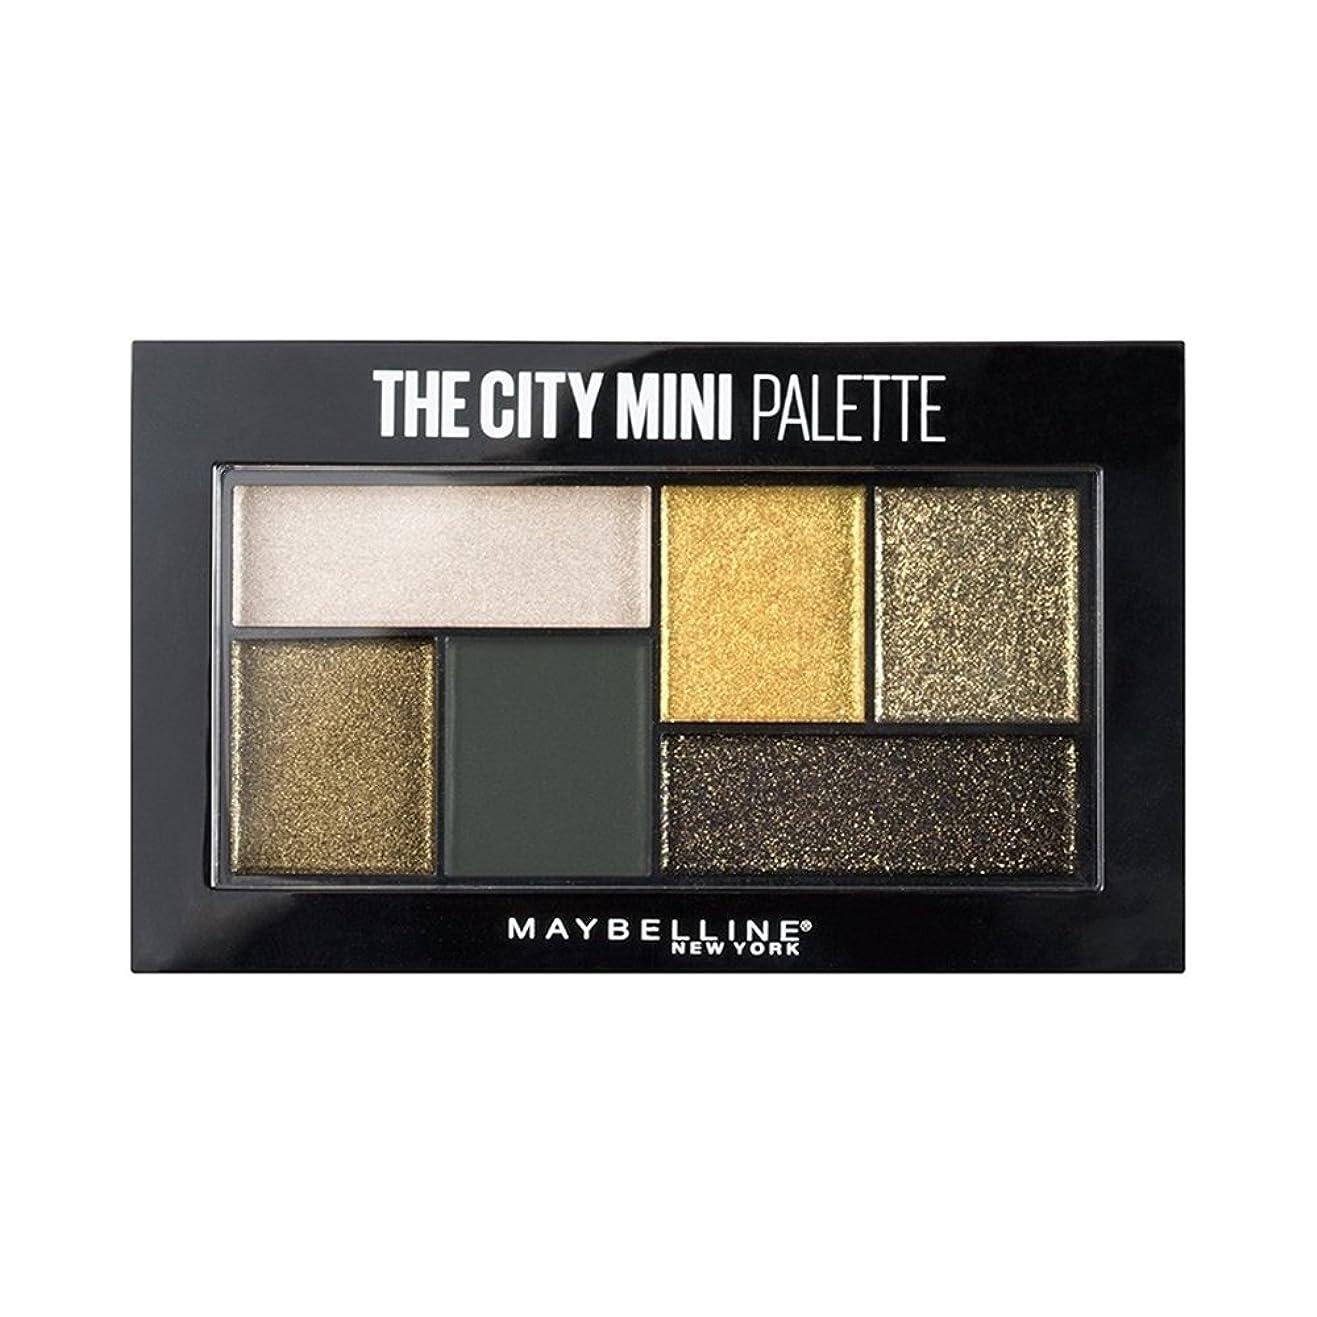 薄いです白菜バスト(6 Pack) MAYBELLINE The City Mini Palette - Urban Jungle (並行輸入品)